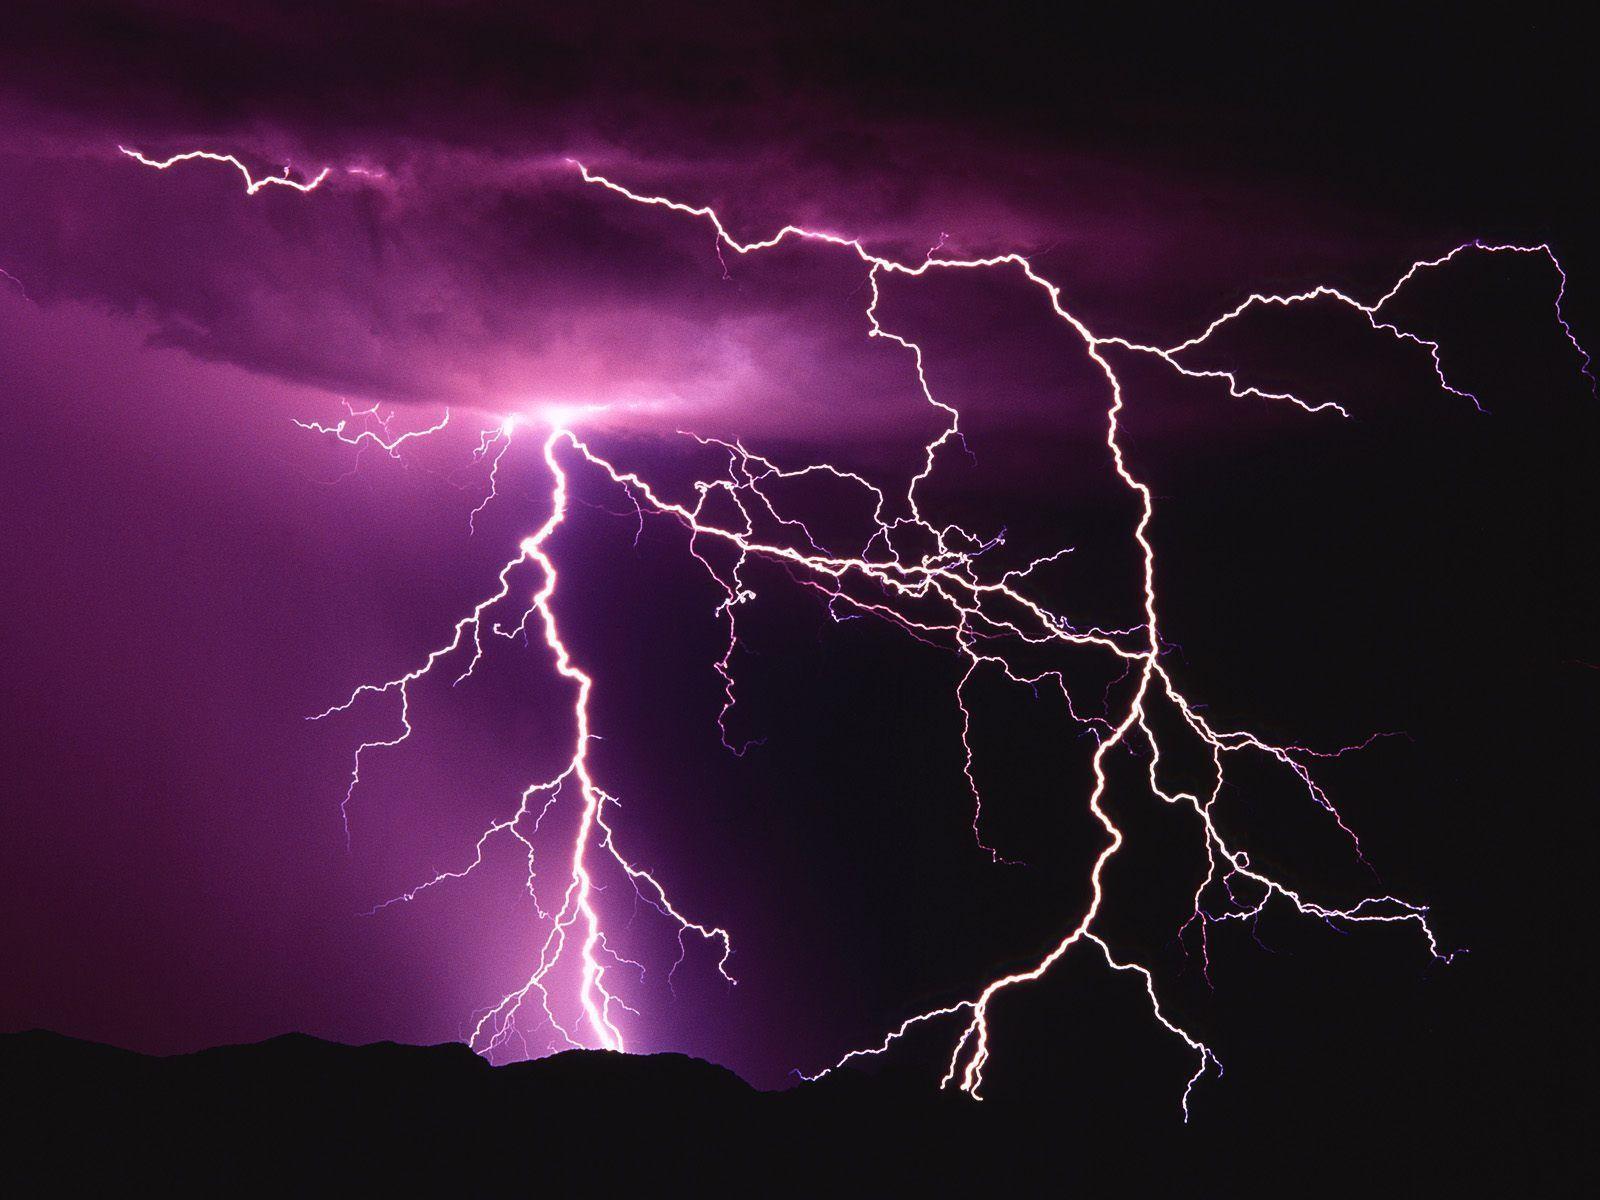 Seizure Purple Lightning Lightning Storm Lightning